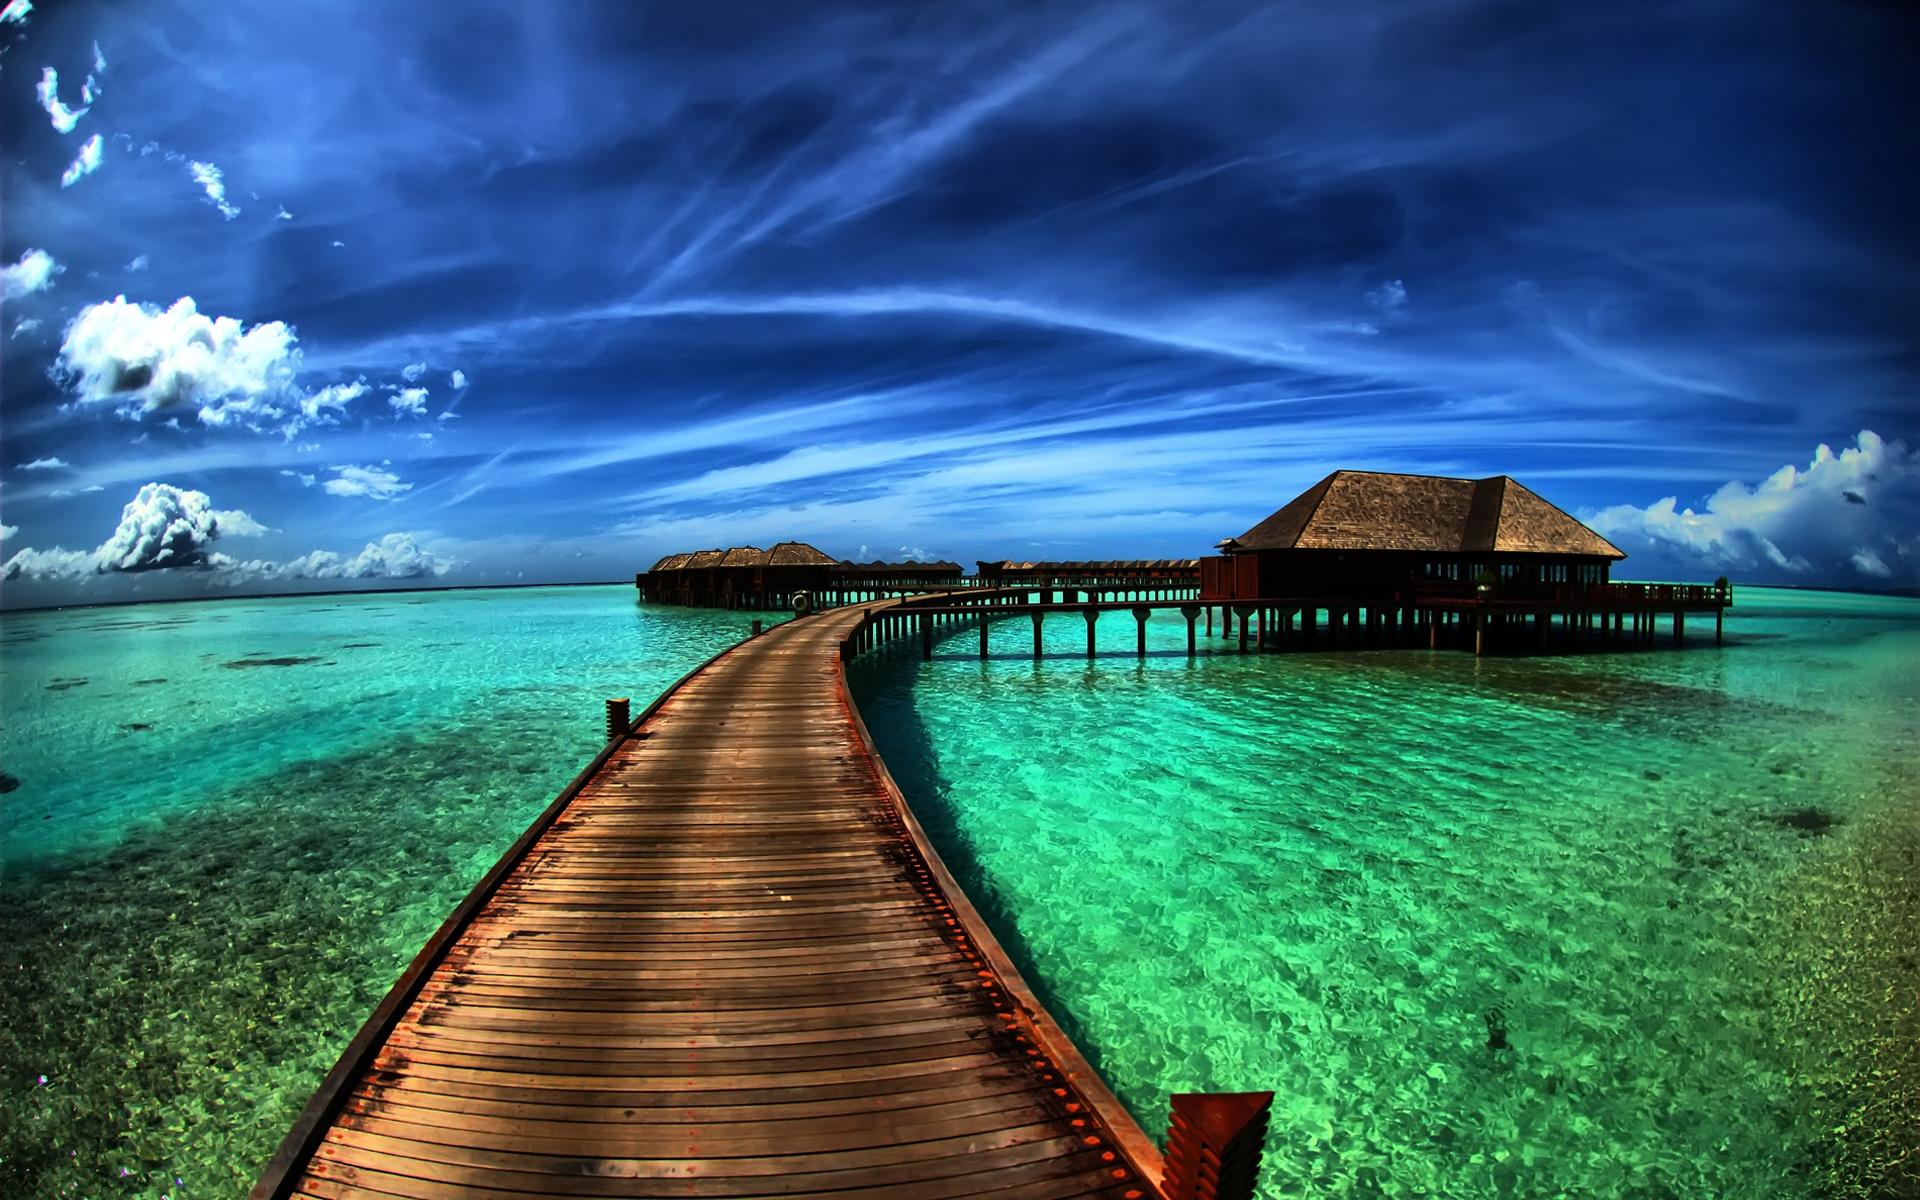 Overwater bungalow, Bora Bora, French Polynesia